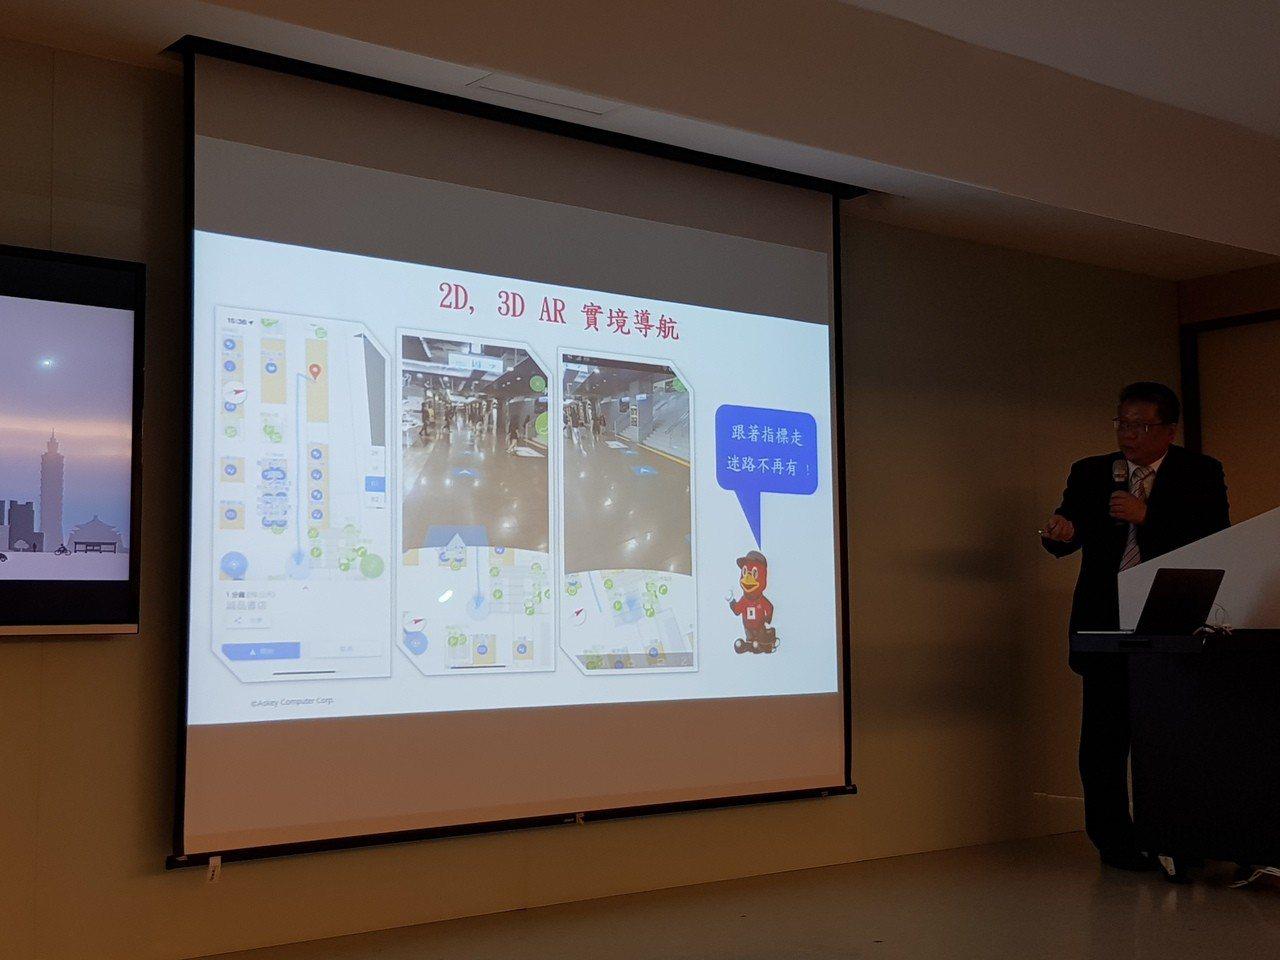 亞旭電腦公司4月初將推出測試版「台灣車站行」AR(擴增實境)導航App,主打「跟...